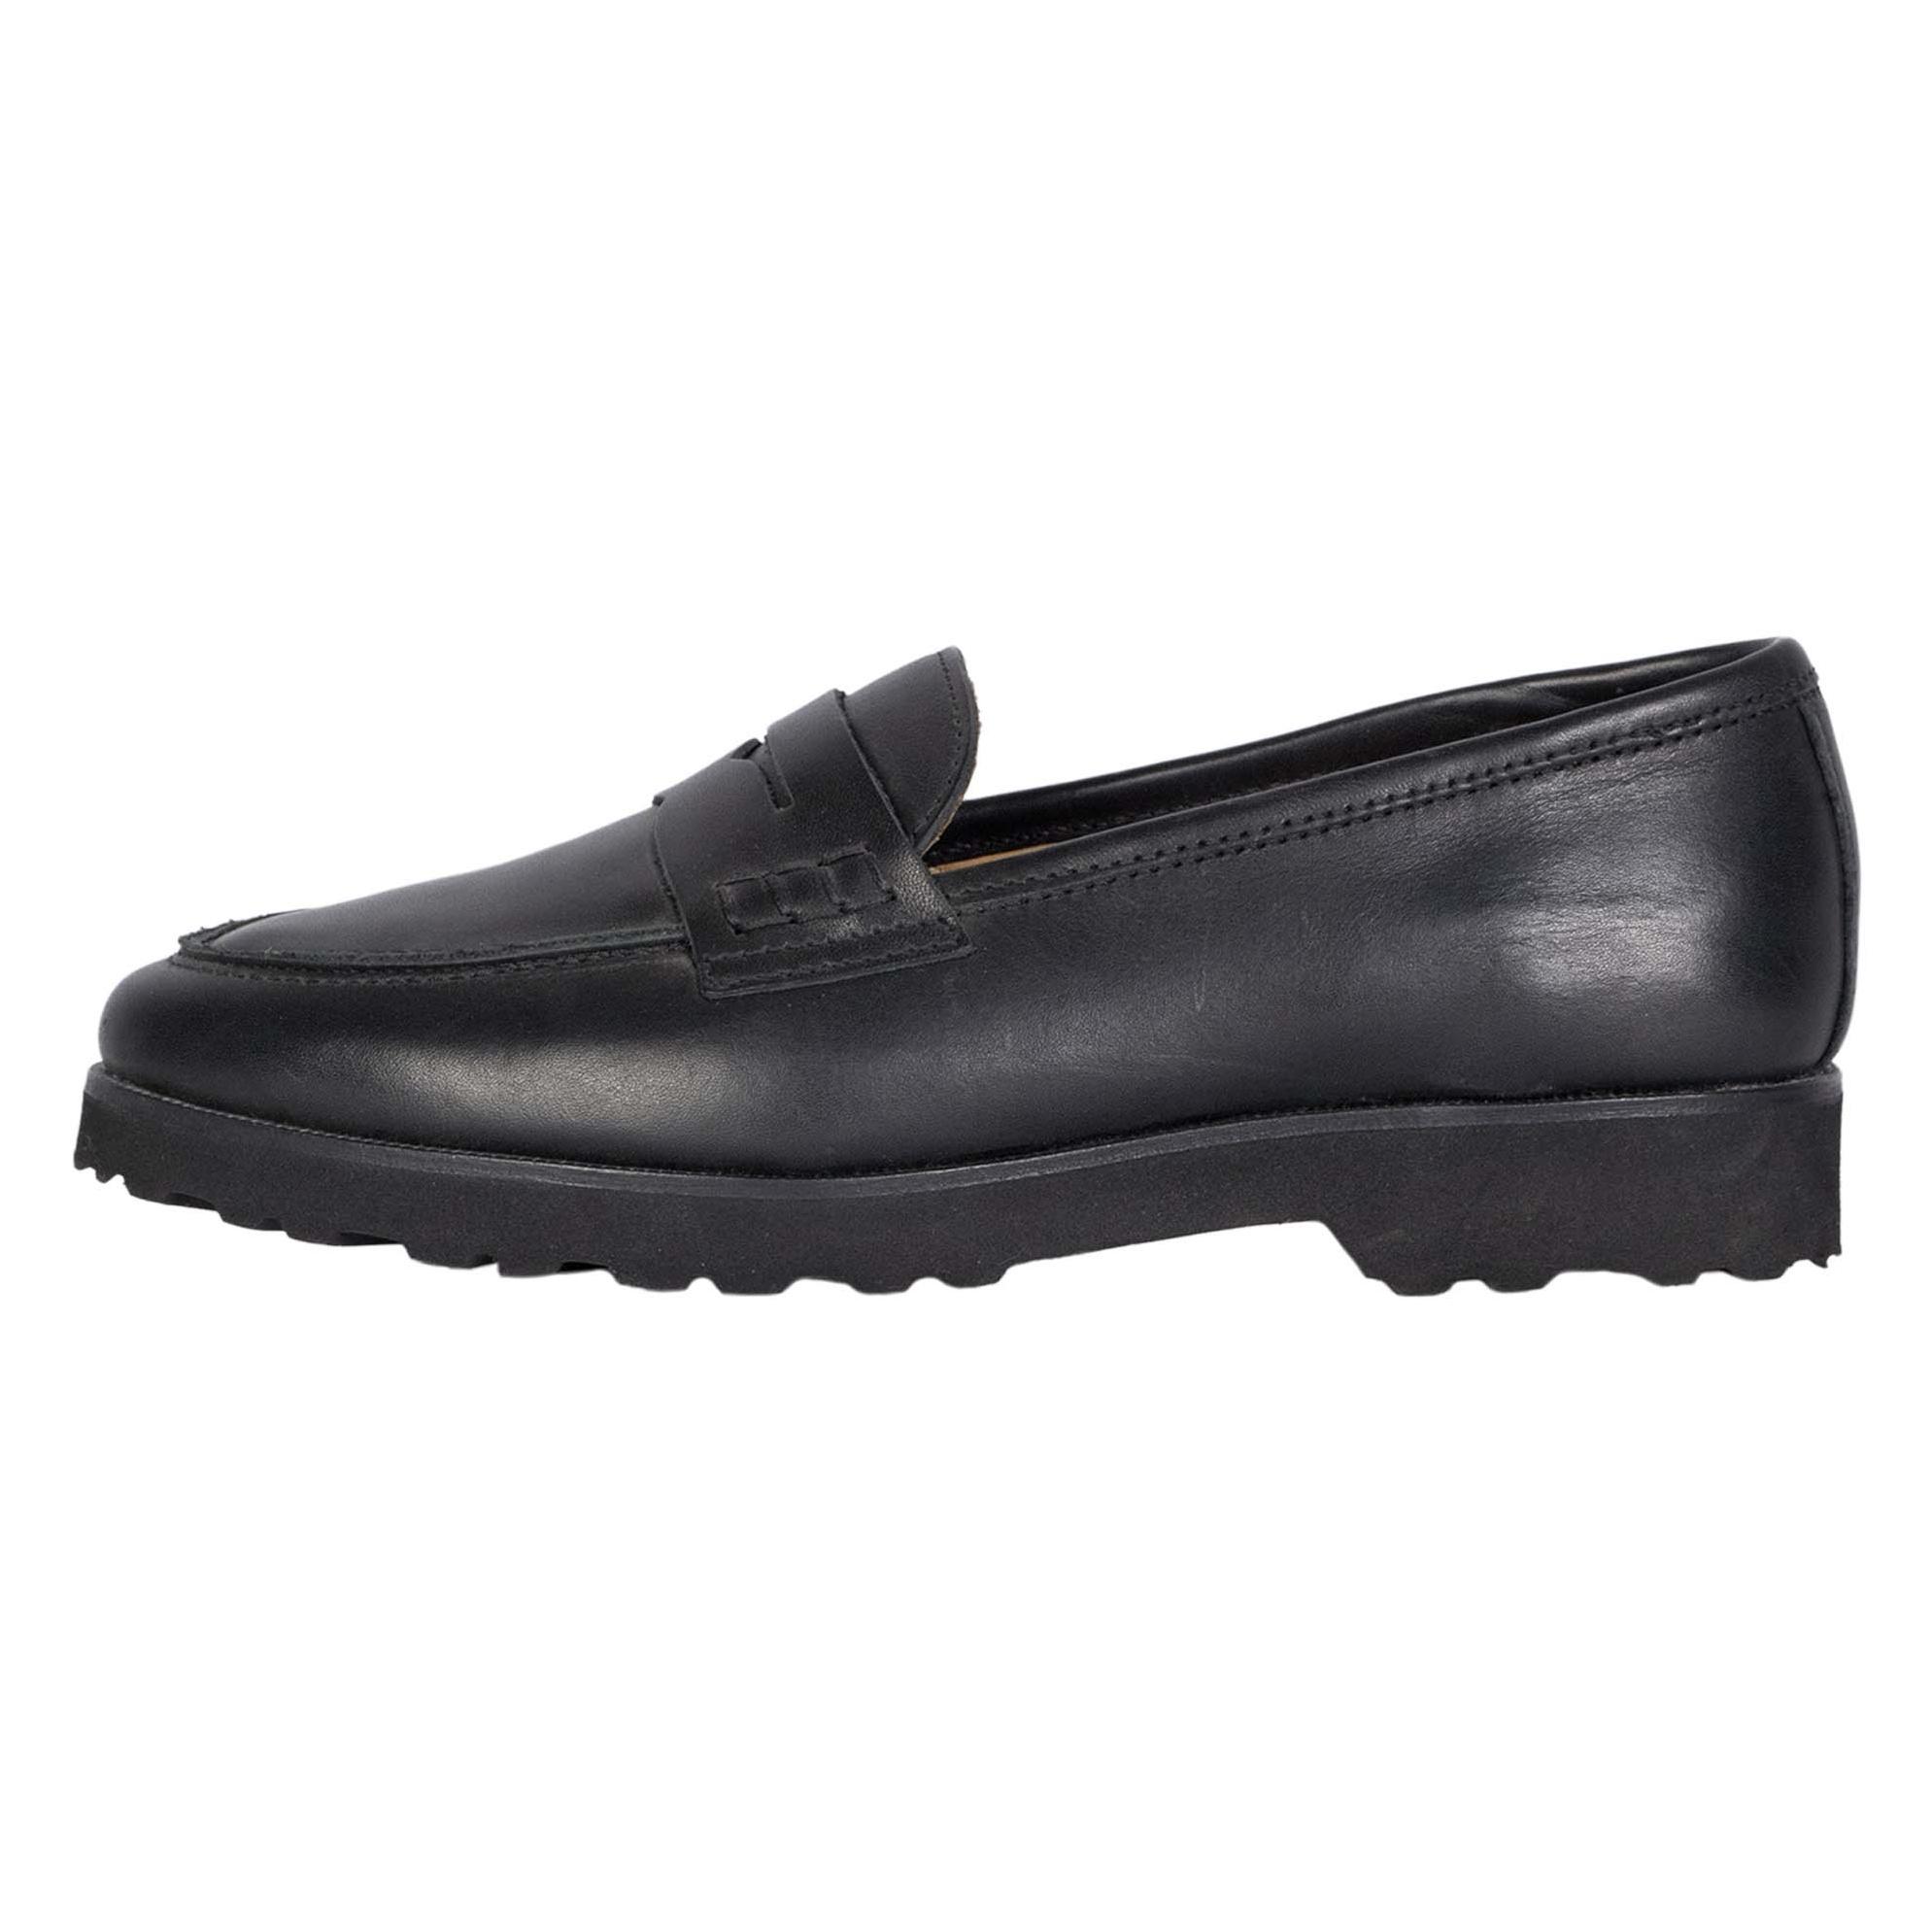 تصویر کفش زنانه سالاماندر کد 3212502